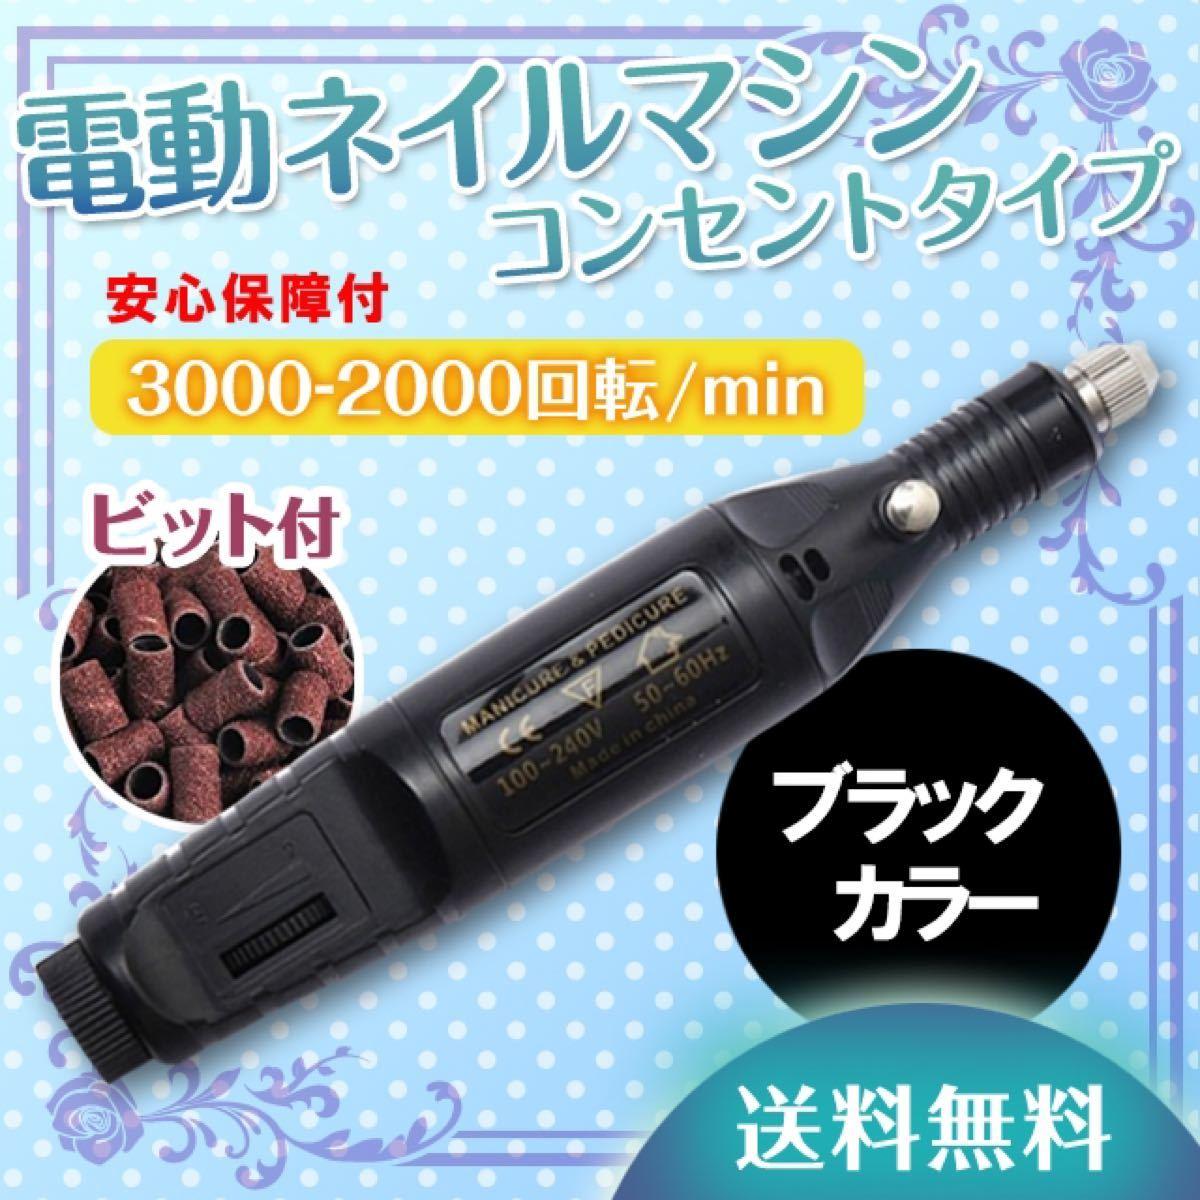 【大特価】 ネイルマシン 黒 ネイルケア 通常セット 角質除去 ジュエルリペア